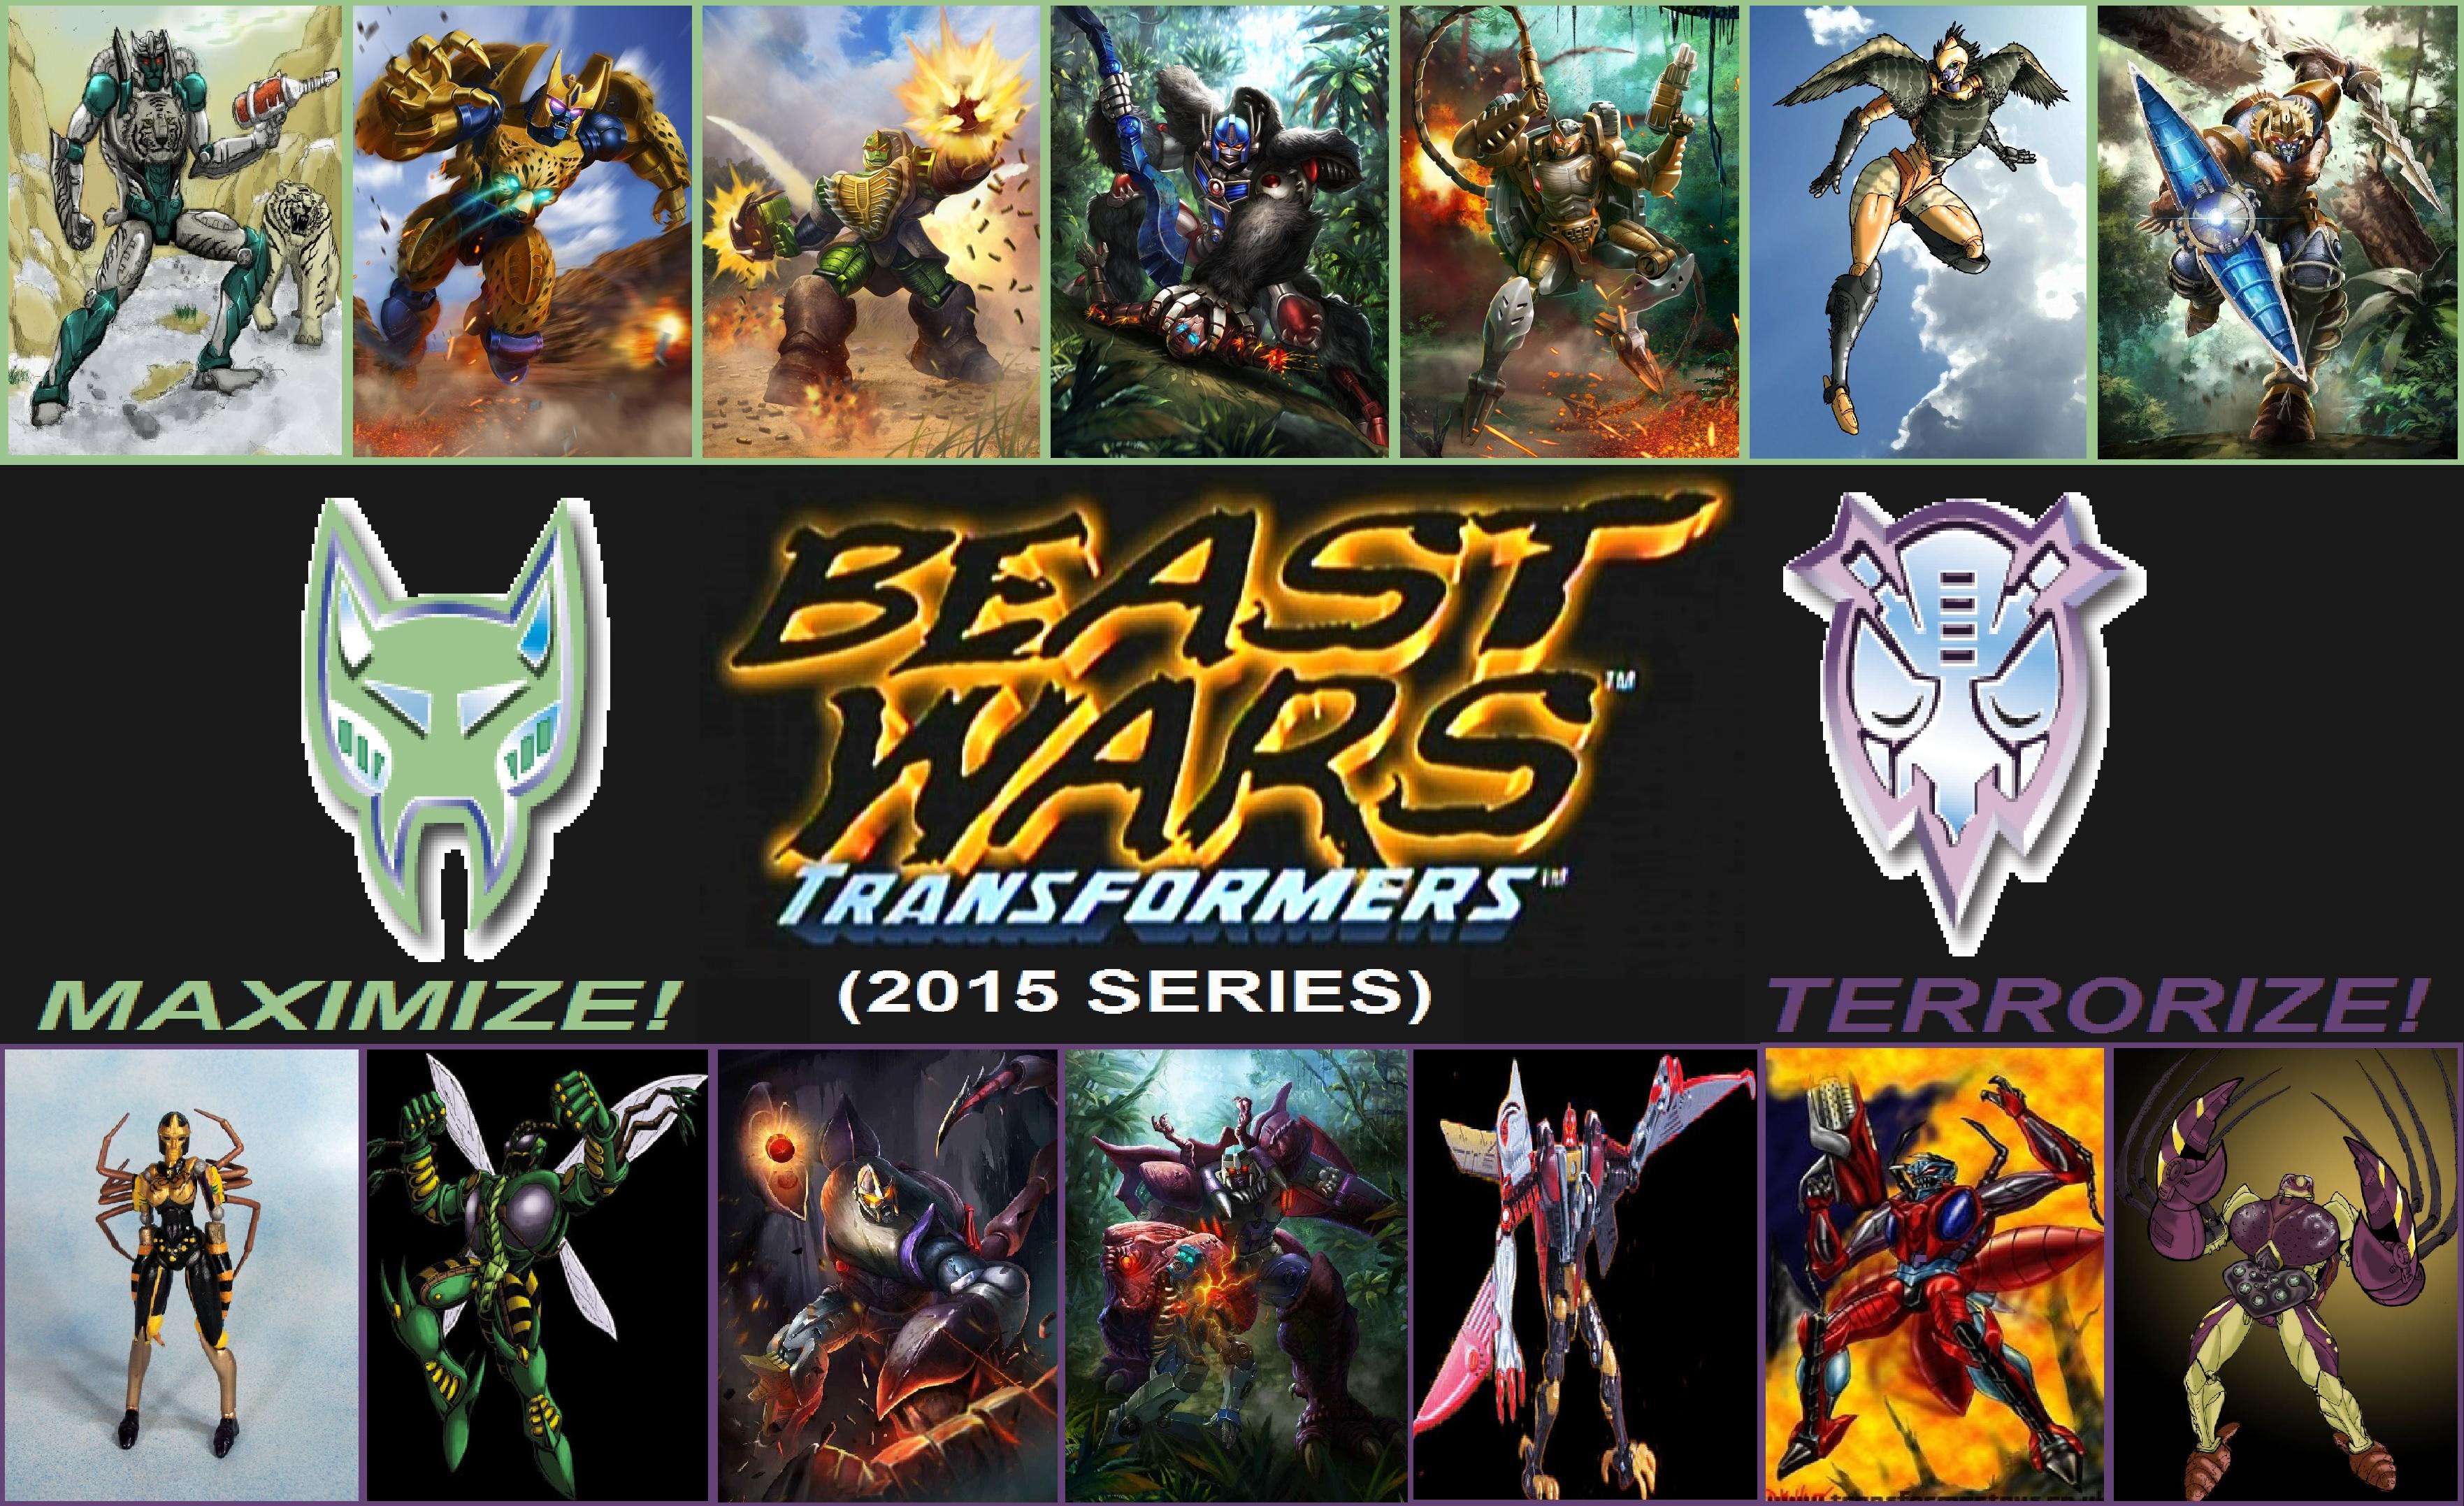 Beast Wars: Transformers (2015 Series)